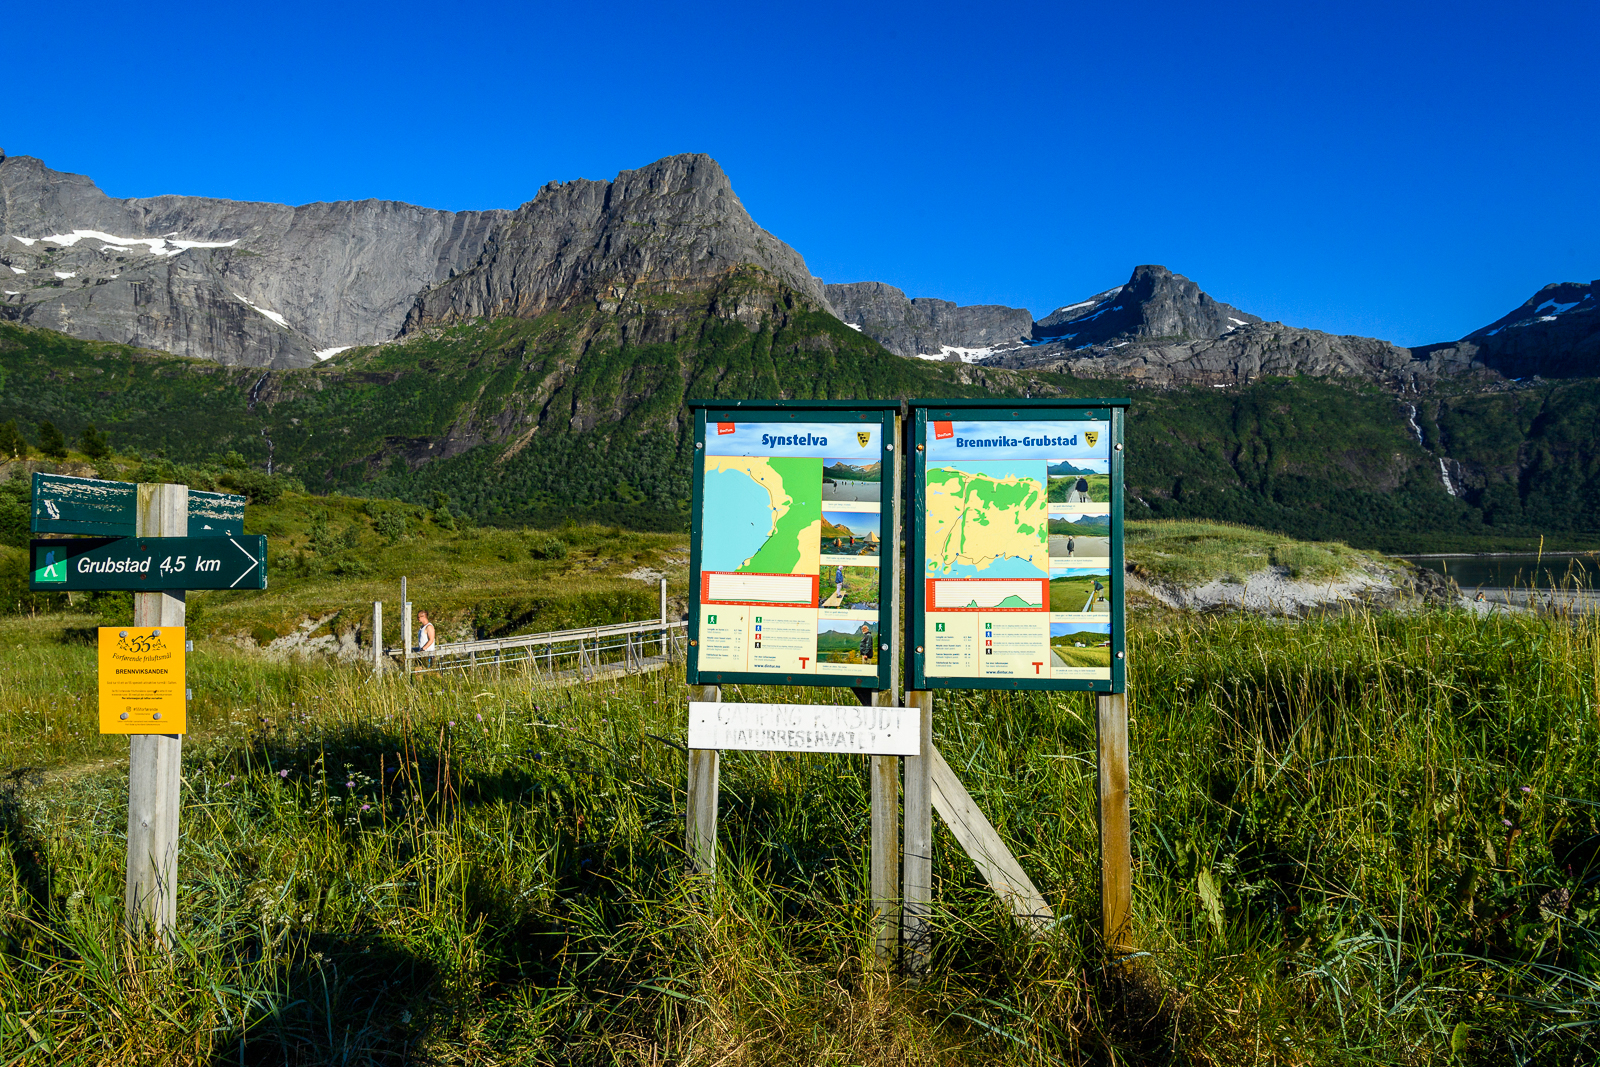 Brennviksanden Nature Reserve, Steigen